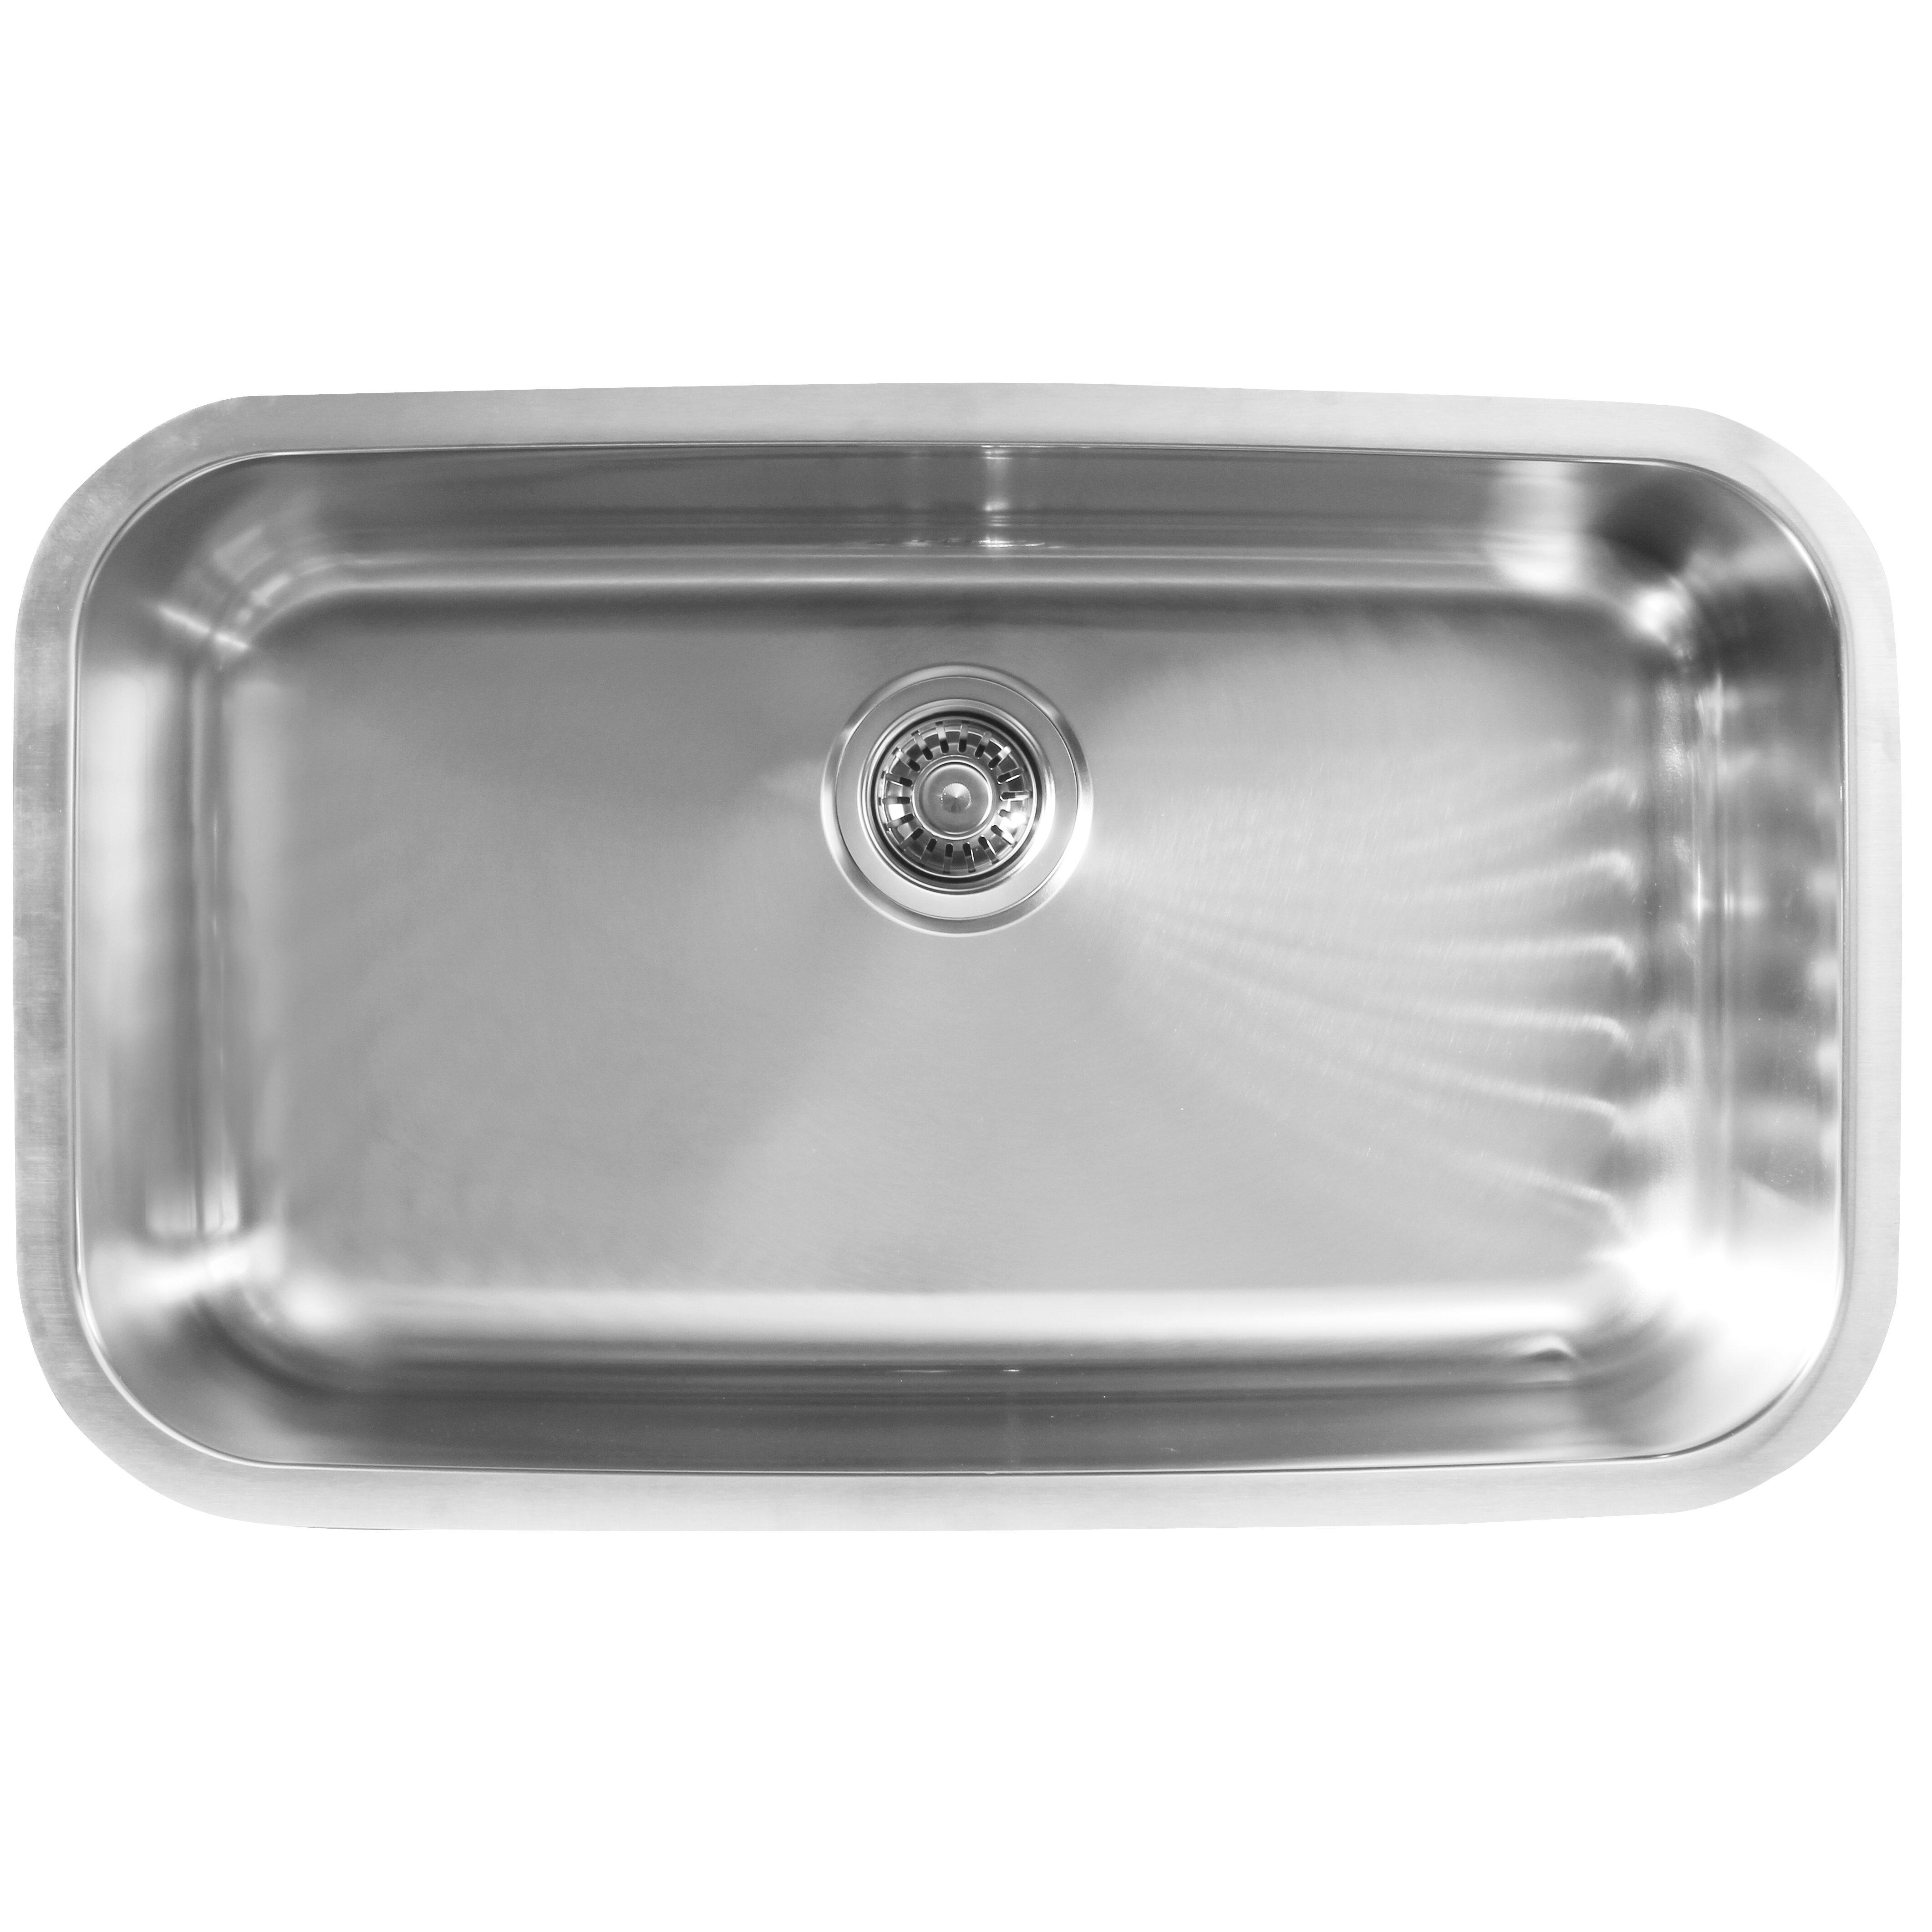 Ukinox 30 5 X 18 5 Single Bowl Undermount Kitchen Sink Wayfair